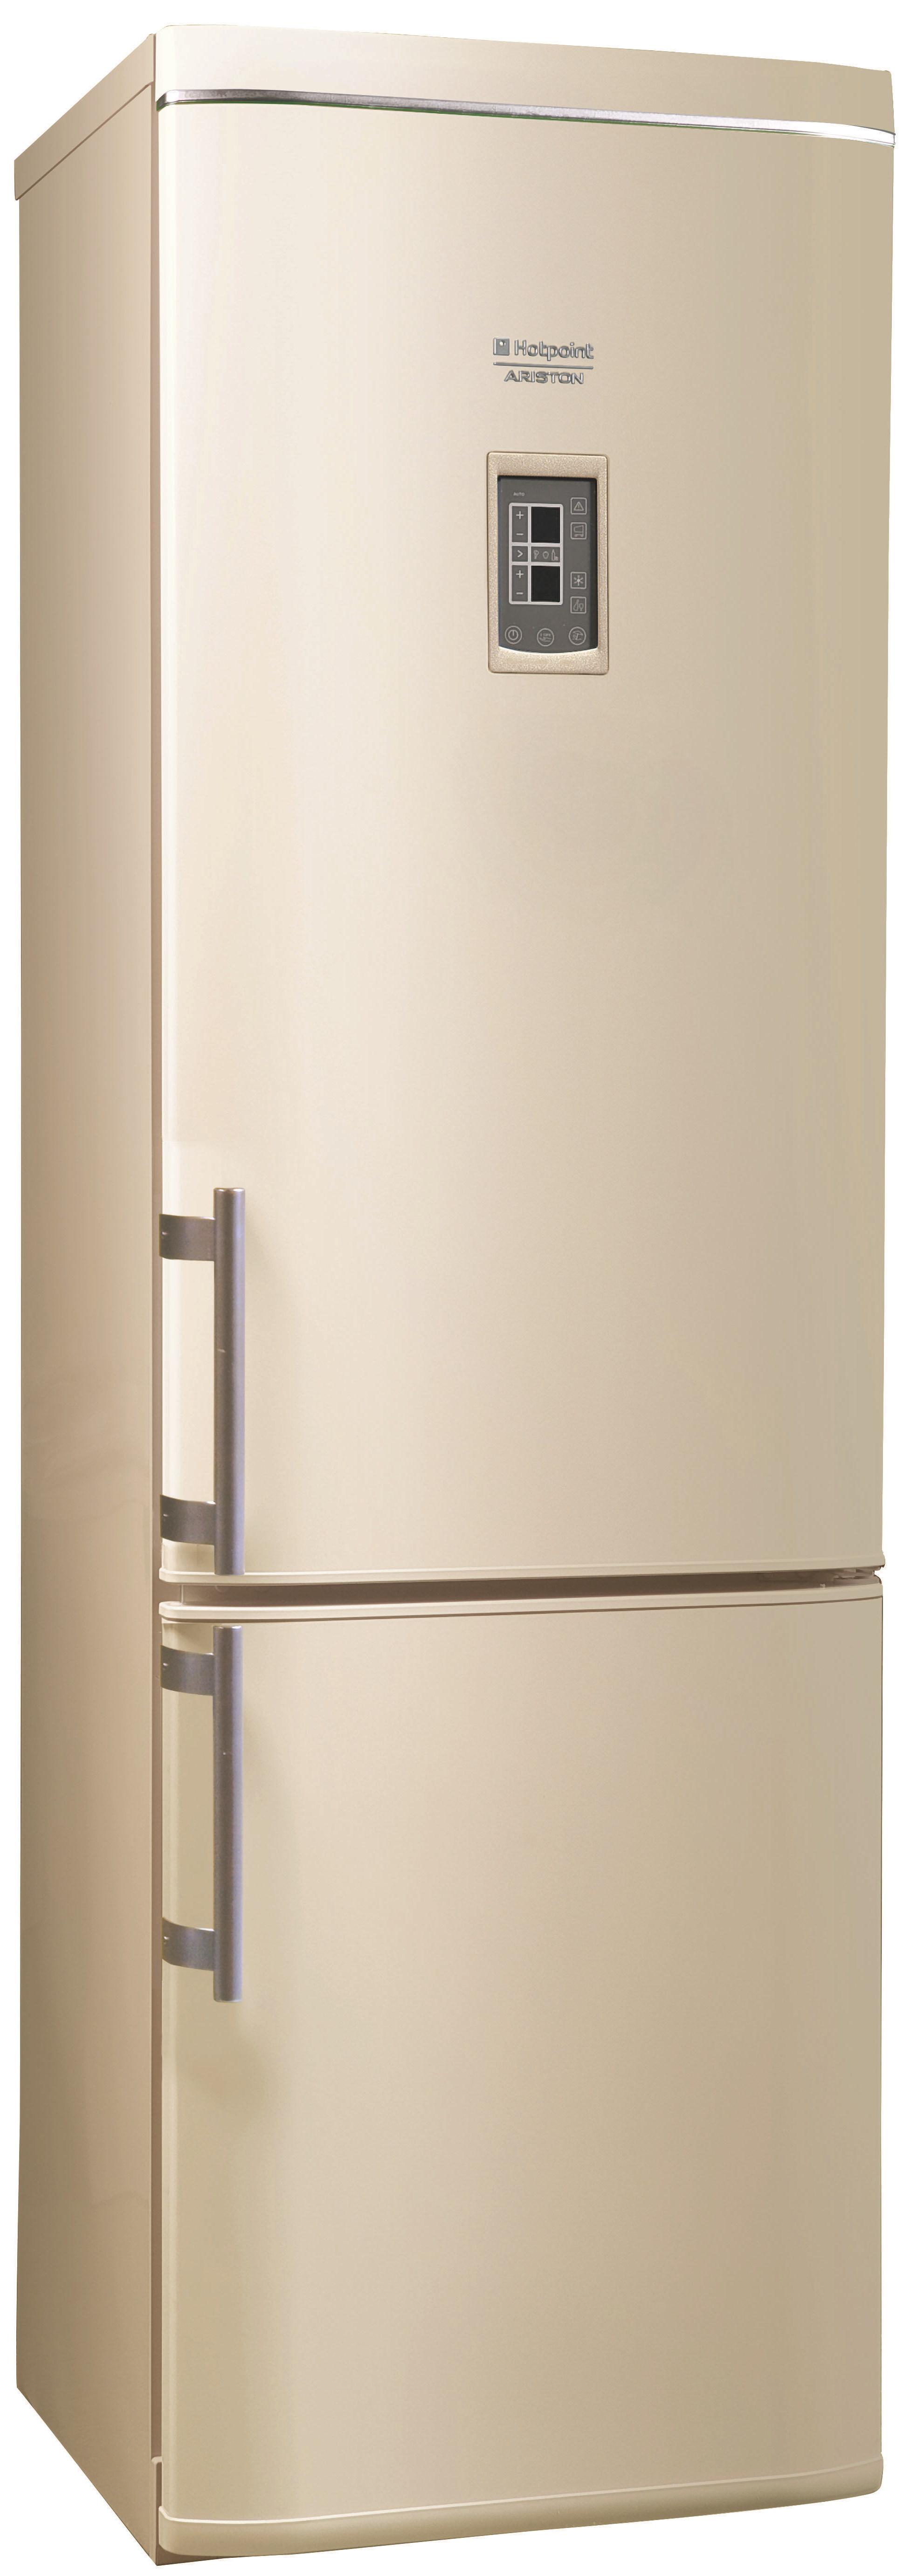 купити холодильник